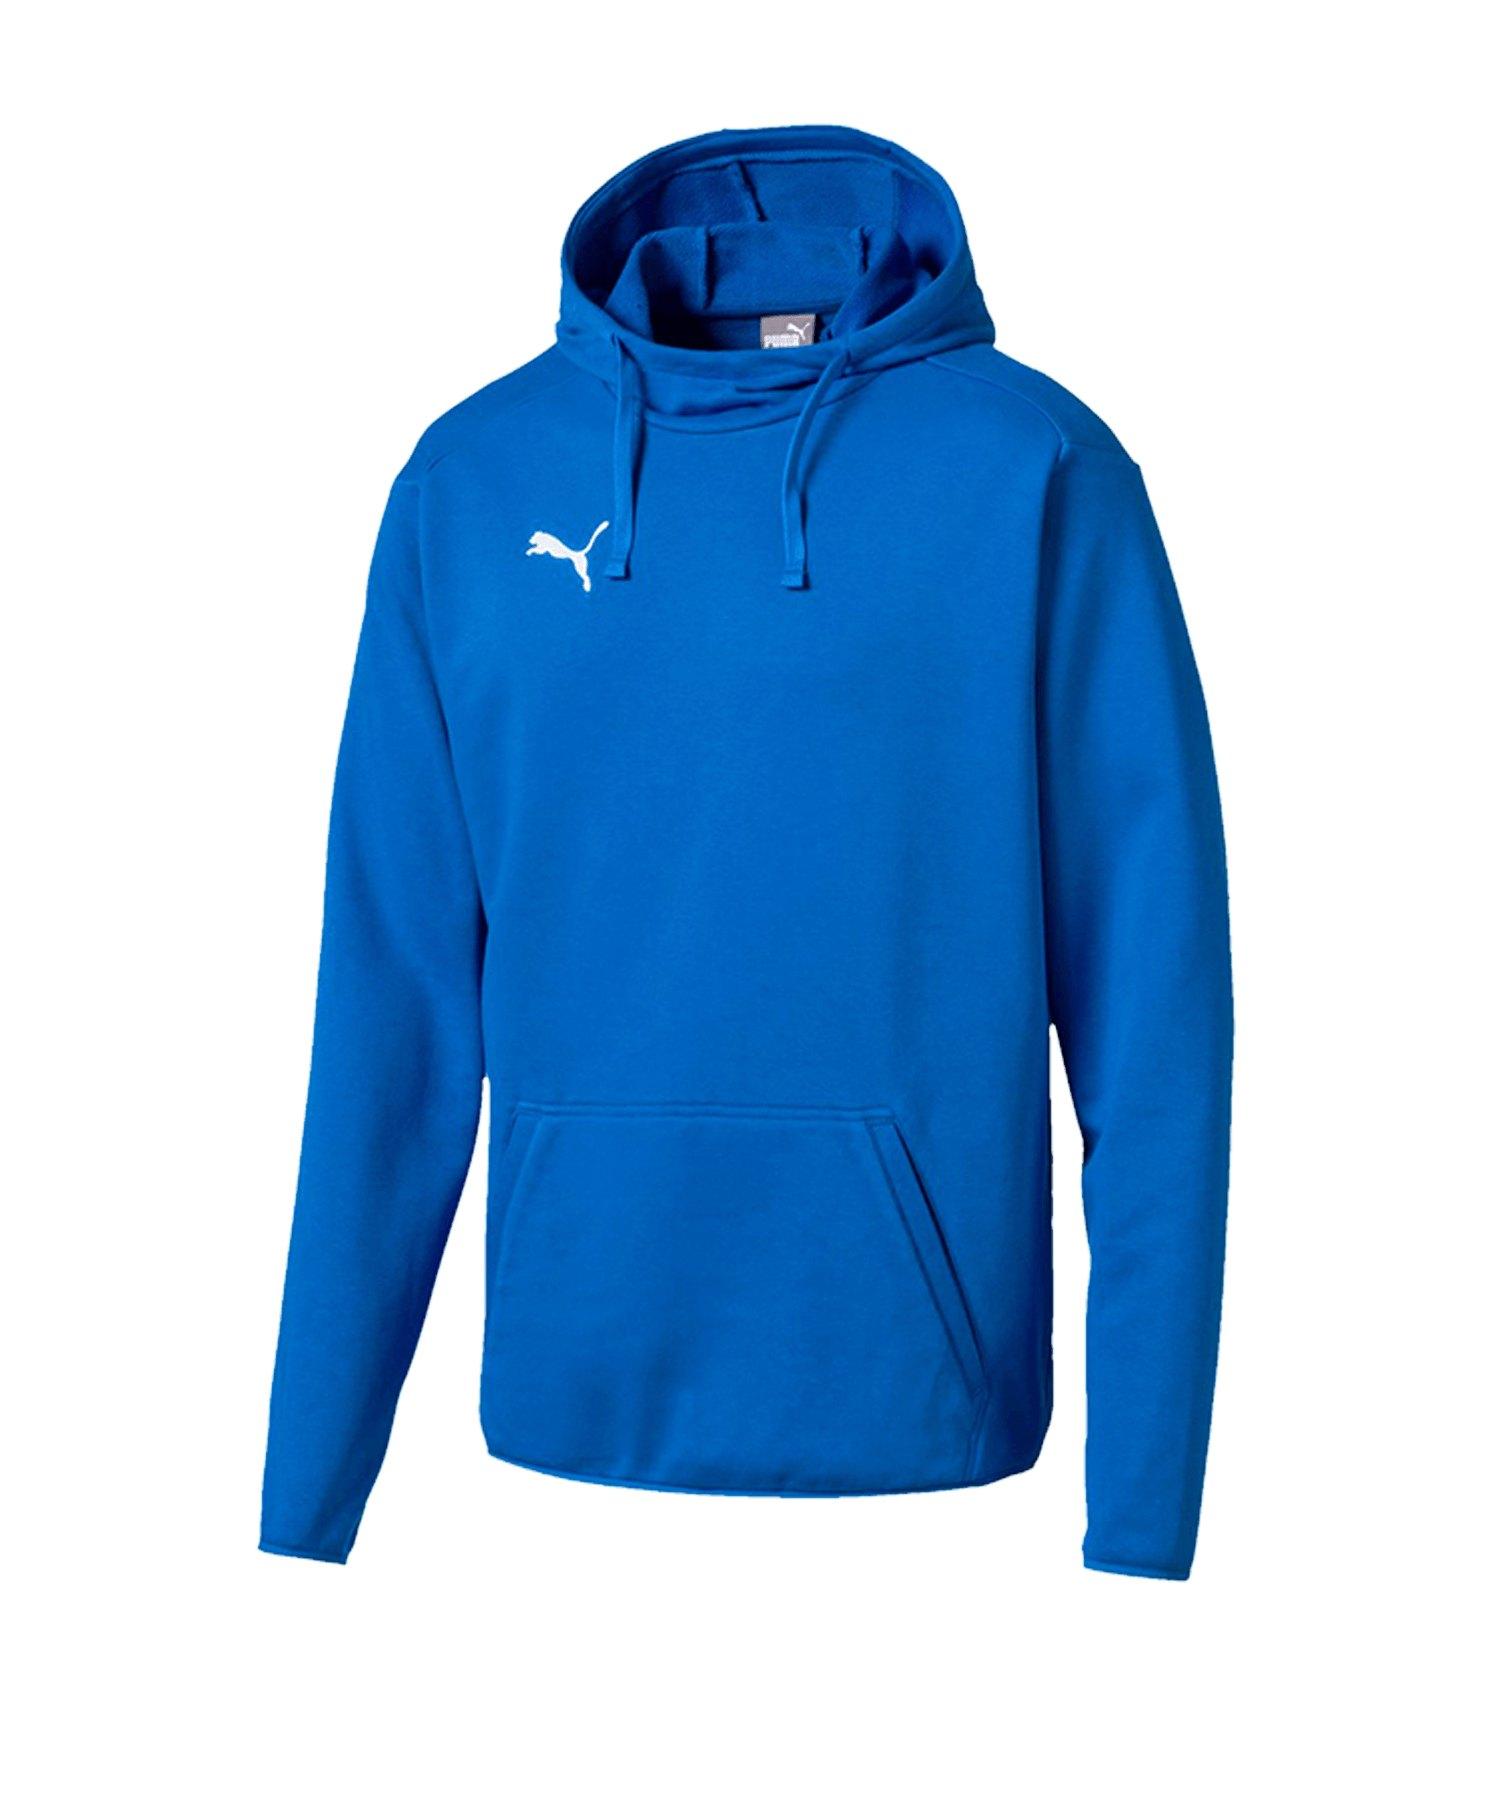 PUMA LIGA Casuals Hoody Blau Weiss F02 - blau